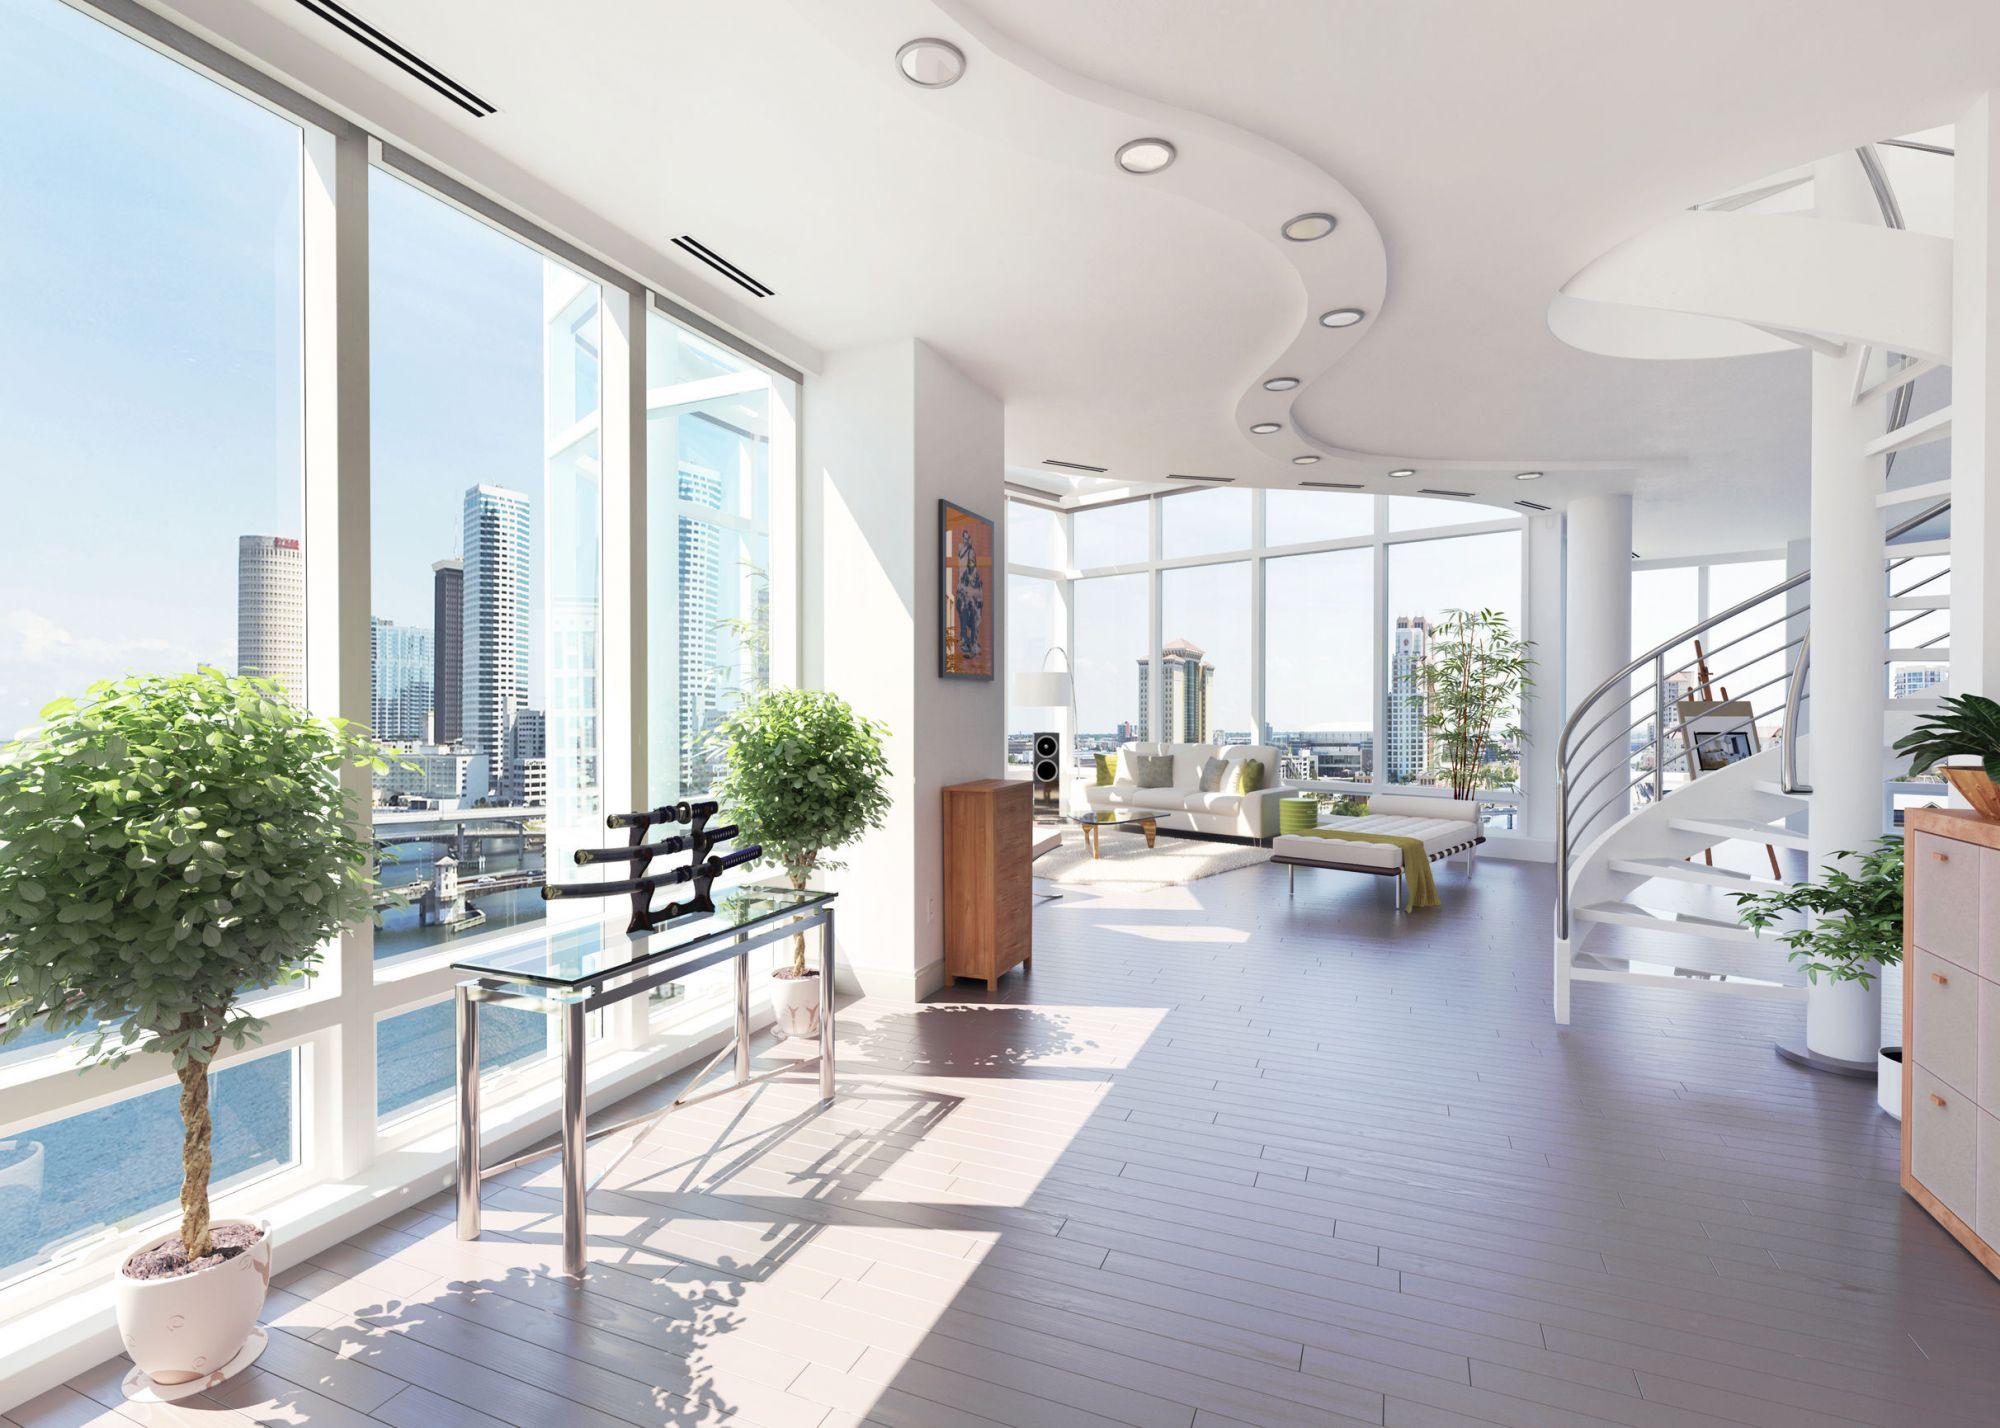 Tatler Design Awards 2021: Vote For The Best Luxury Concept